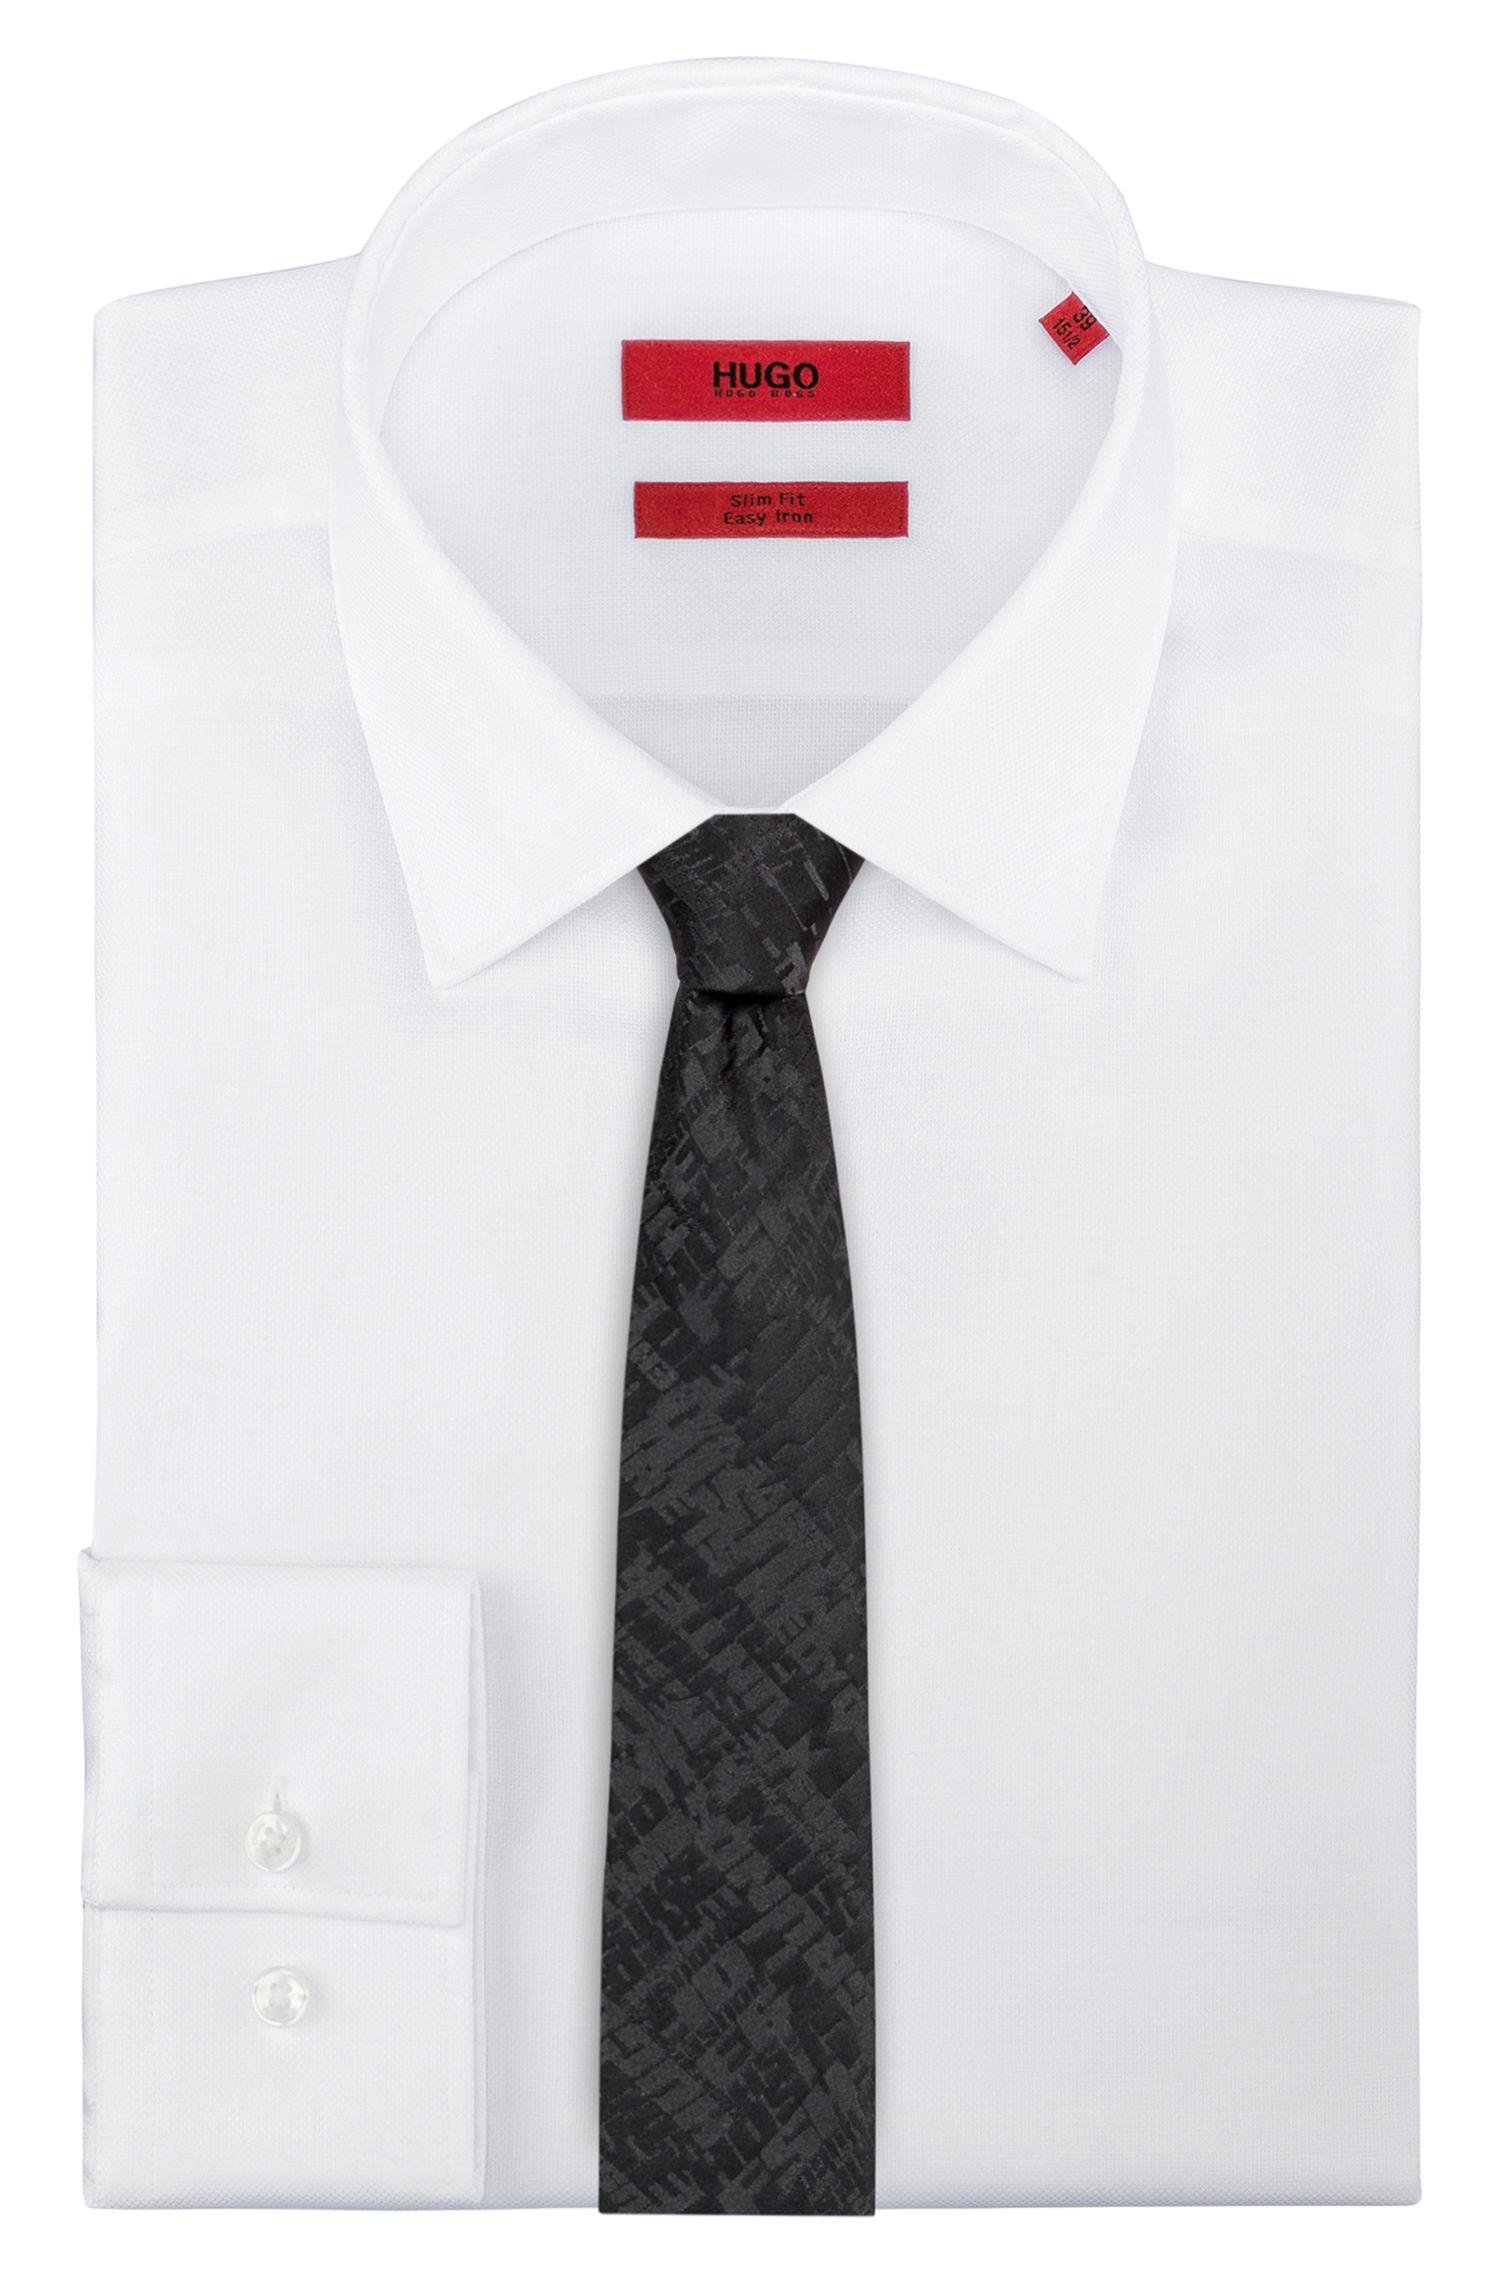 Hugo Boss - Corbata de seda con motivo gráfico en jacquard - 2